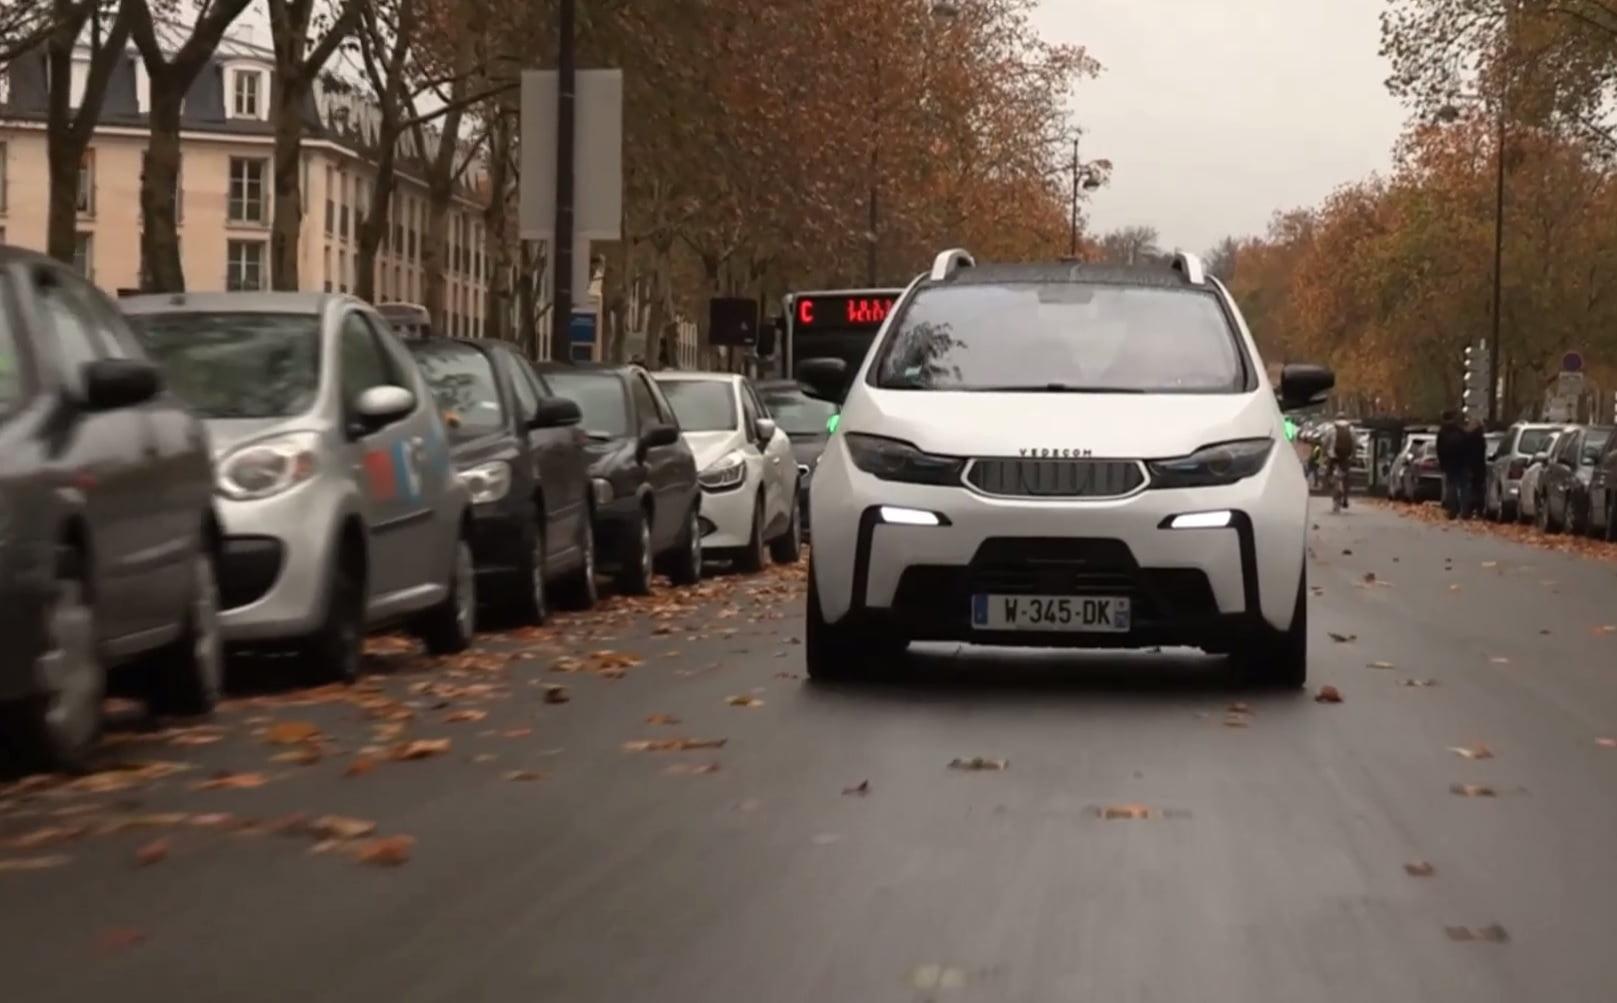 Vedecom'a autonomous car, driverless vehicle, courtesy https://vimeo.com/224297482